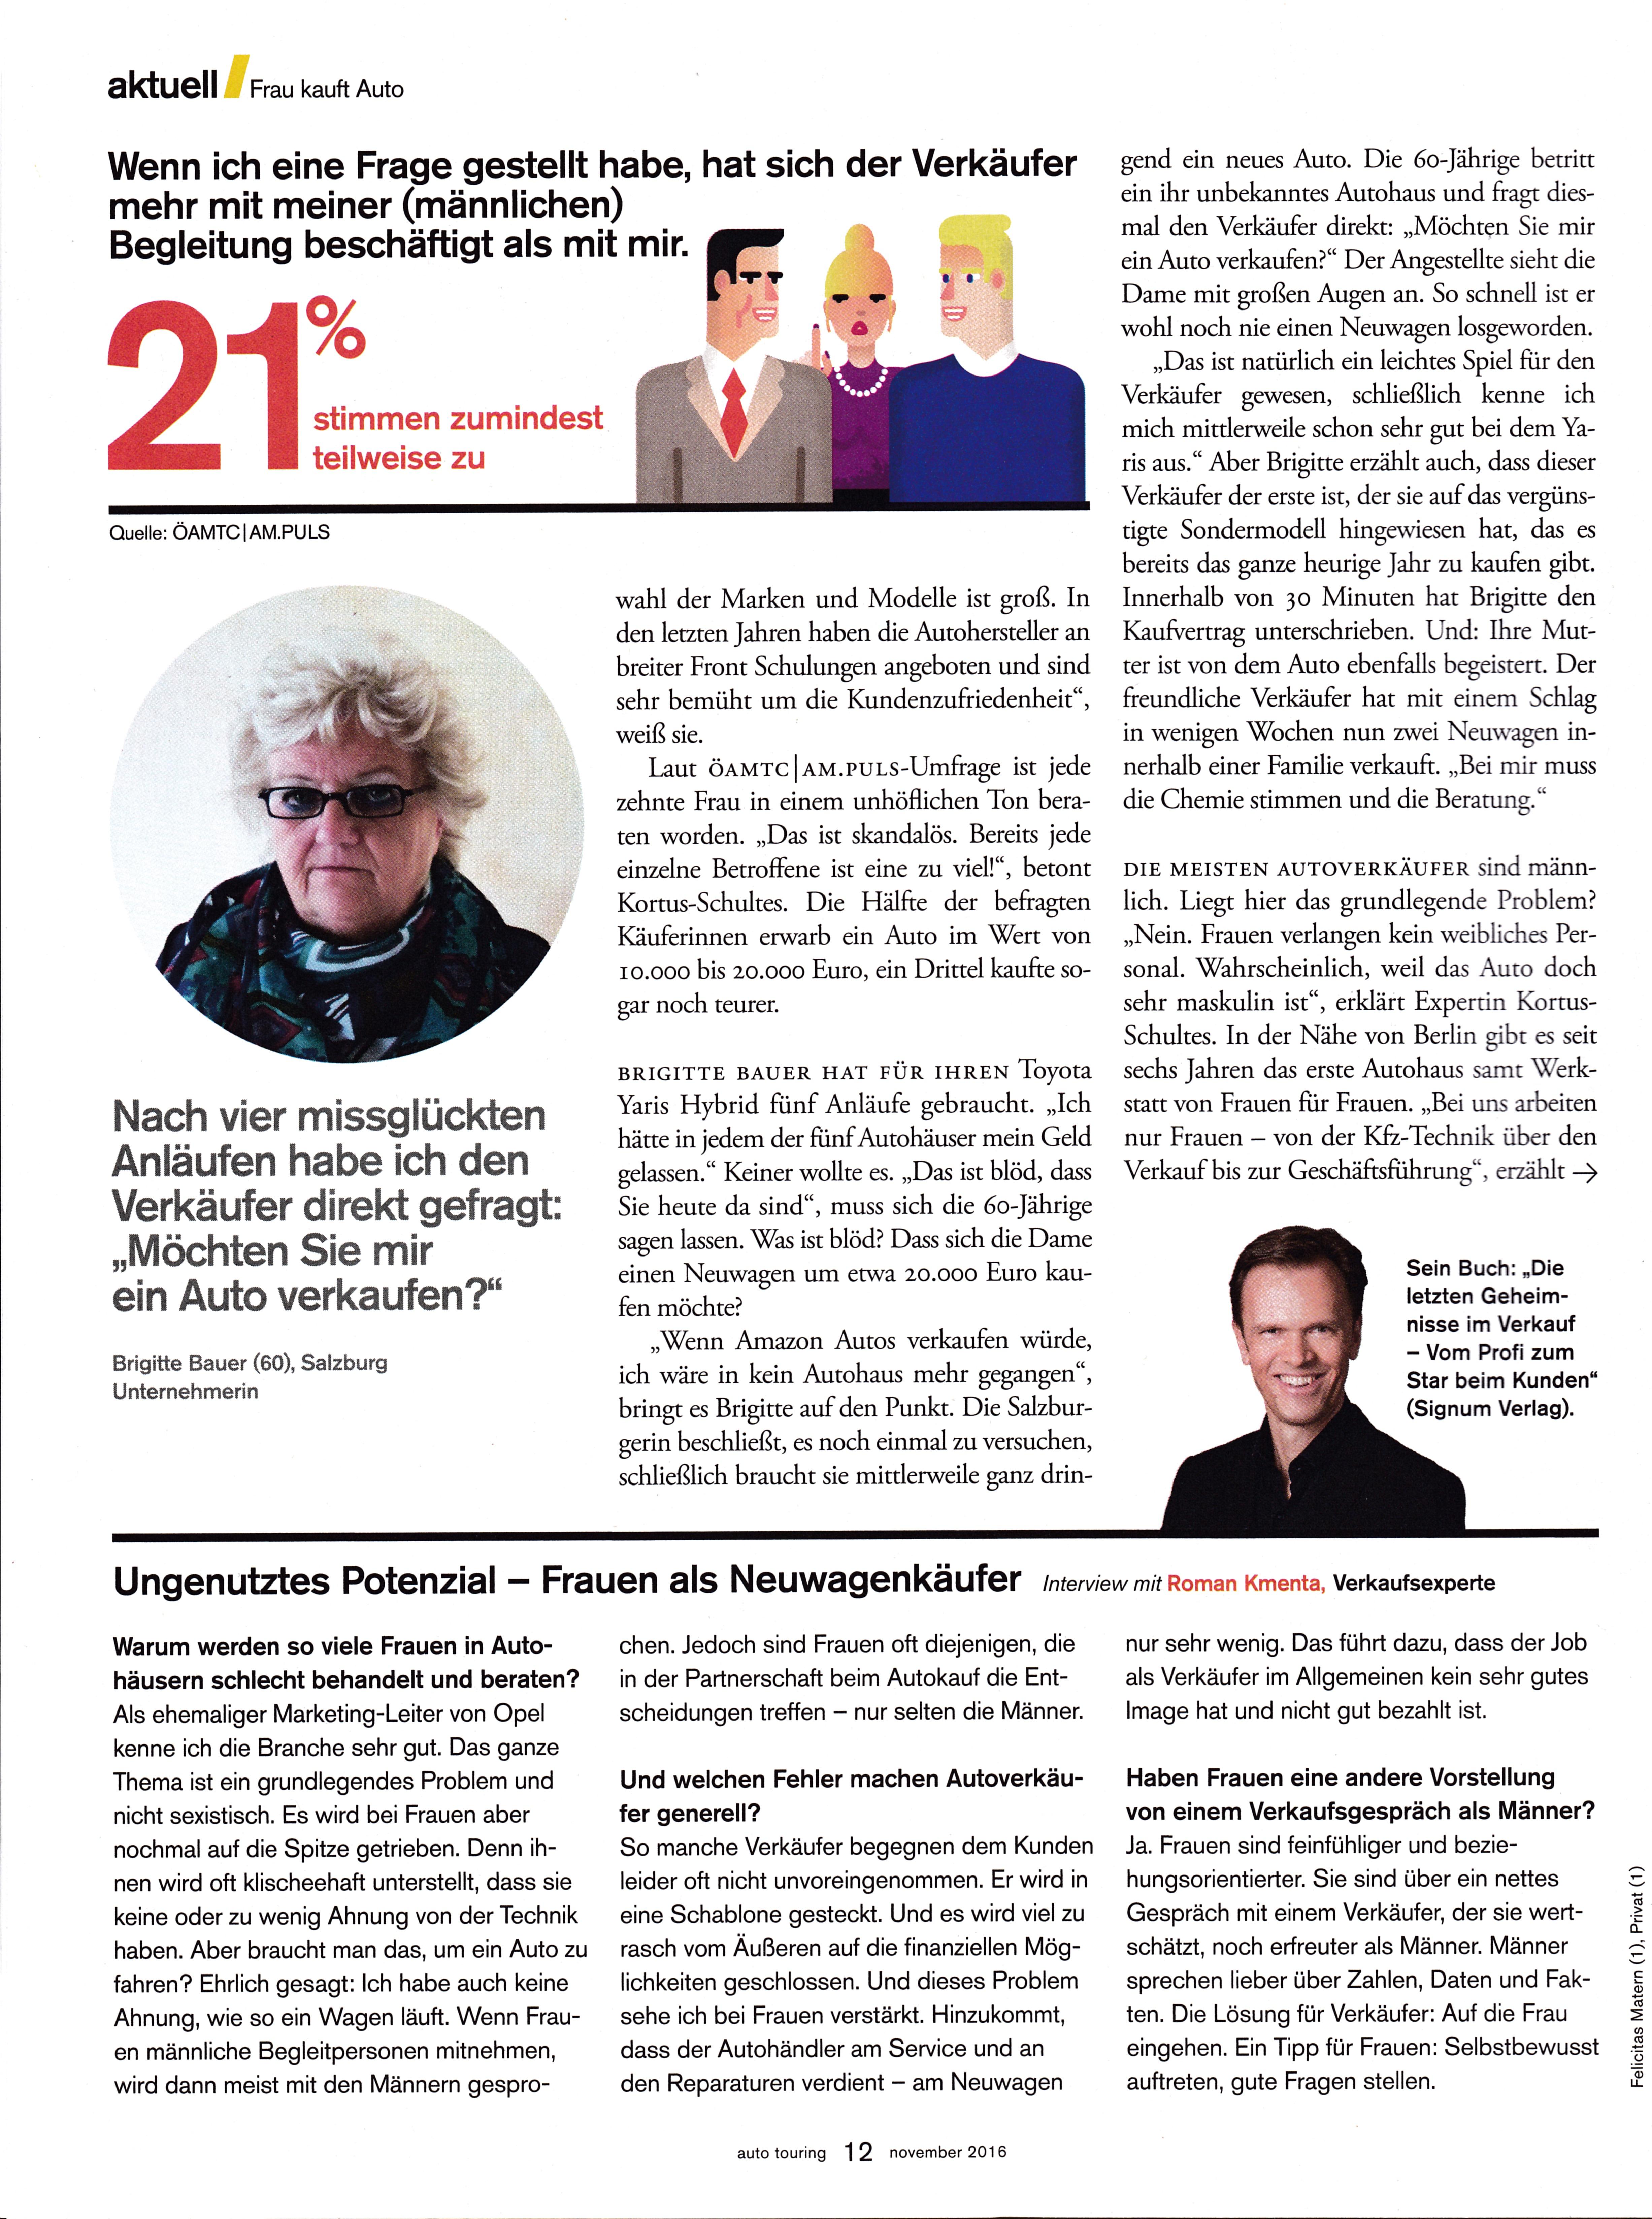 auto touring - november 2016 Seite 3 - Roman Kmenta - Speaker und Autor